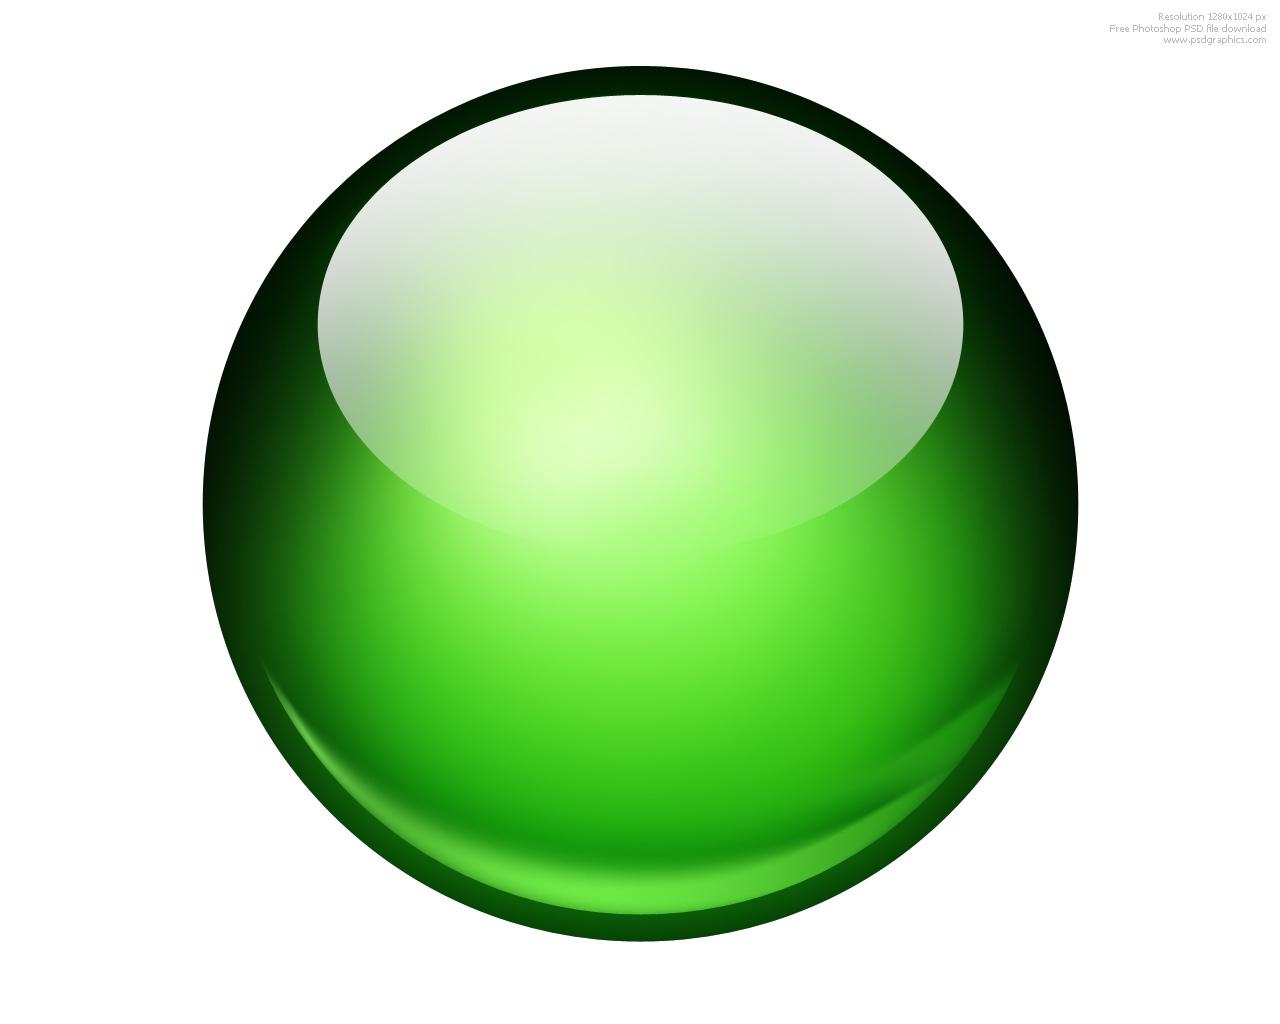 Green Ball Icon